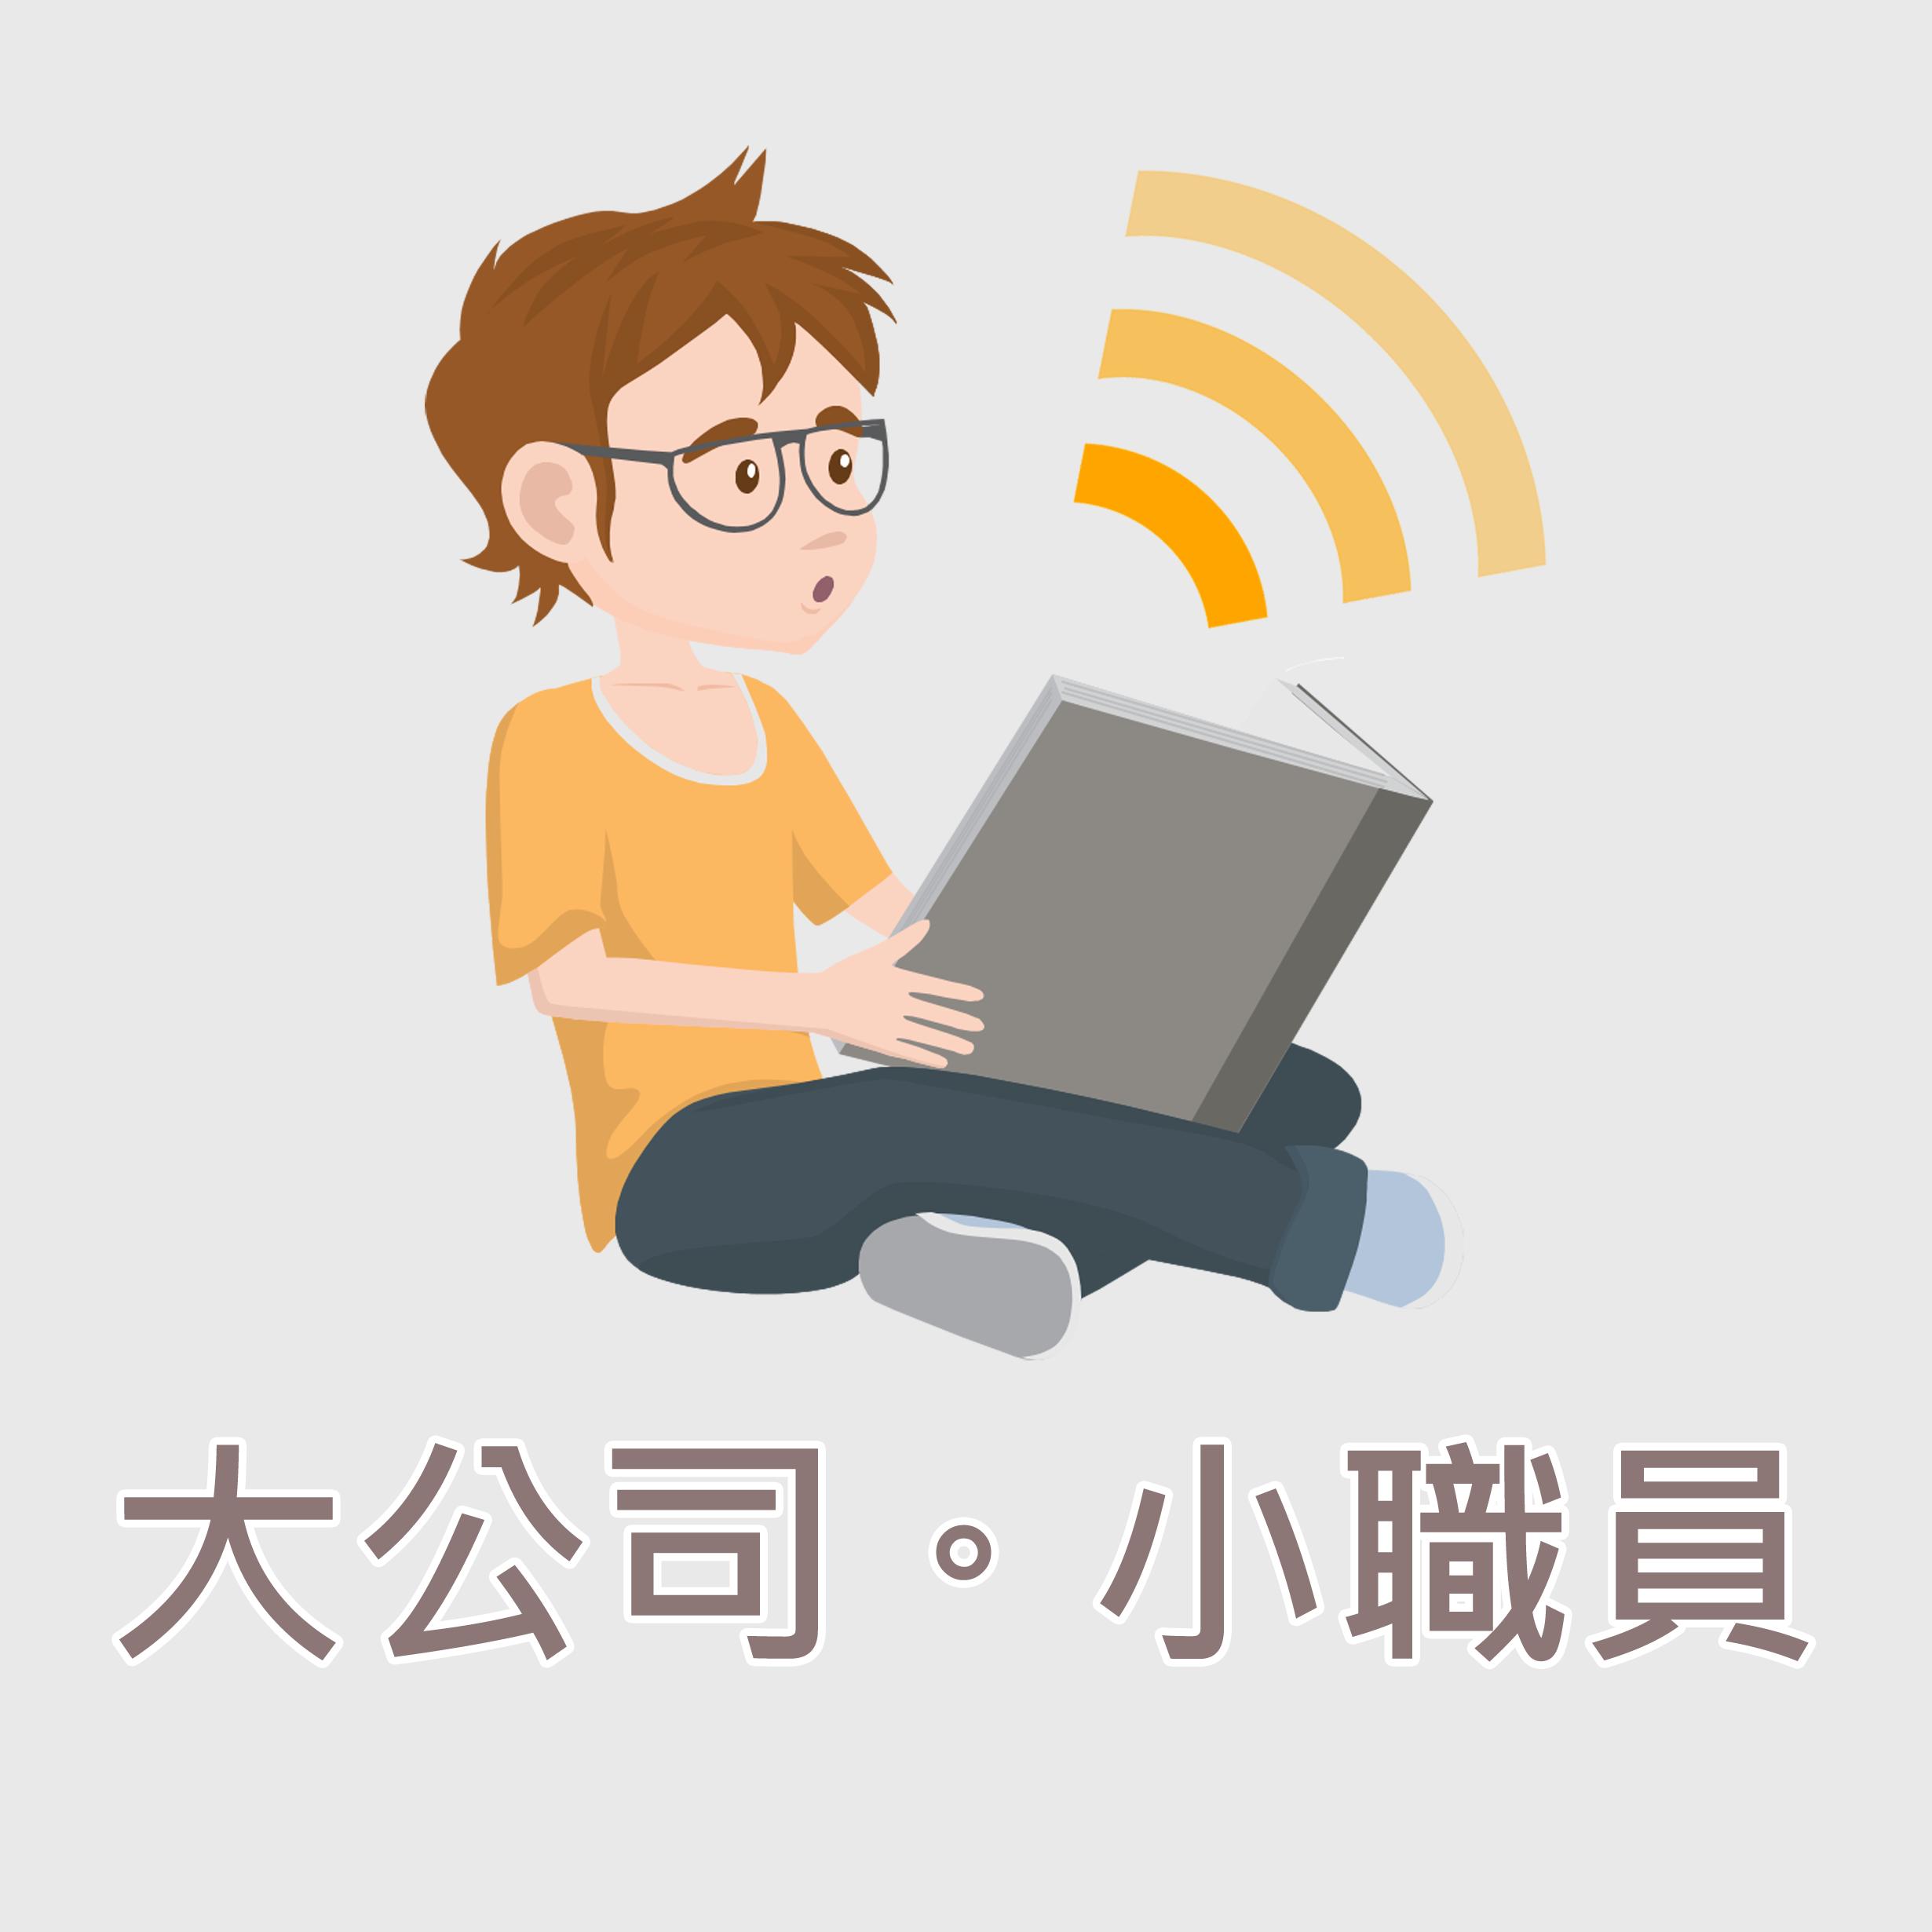 【大公司小職員】EP03-上班族票選十大討厭行為、咱們來逐一破解!(上集)